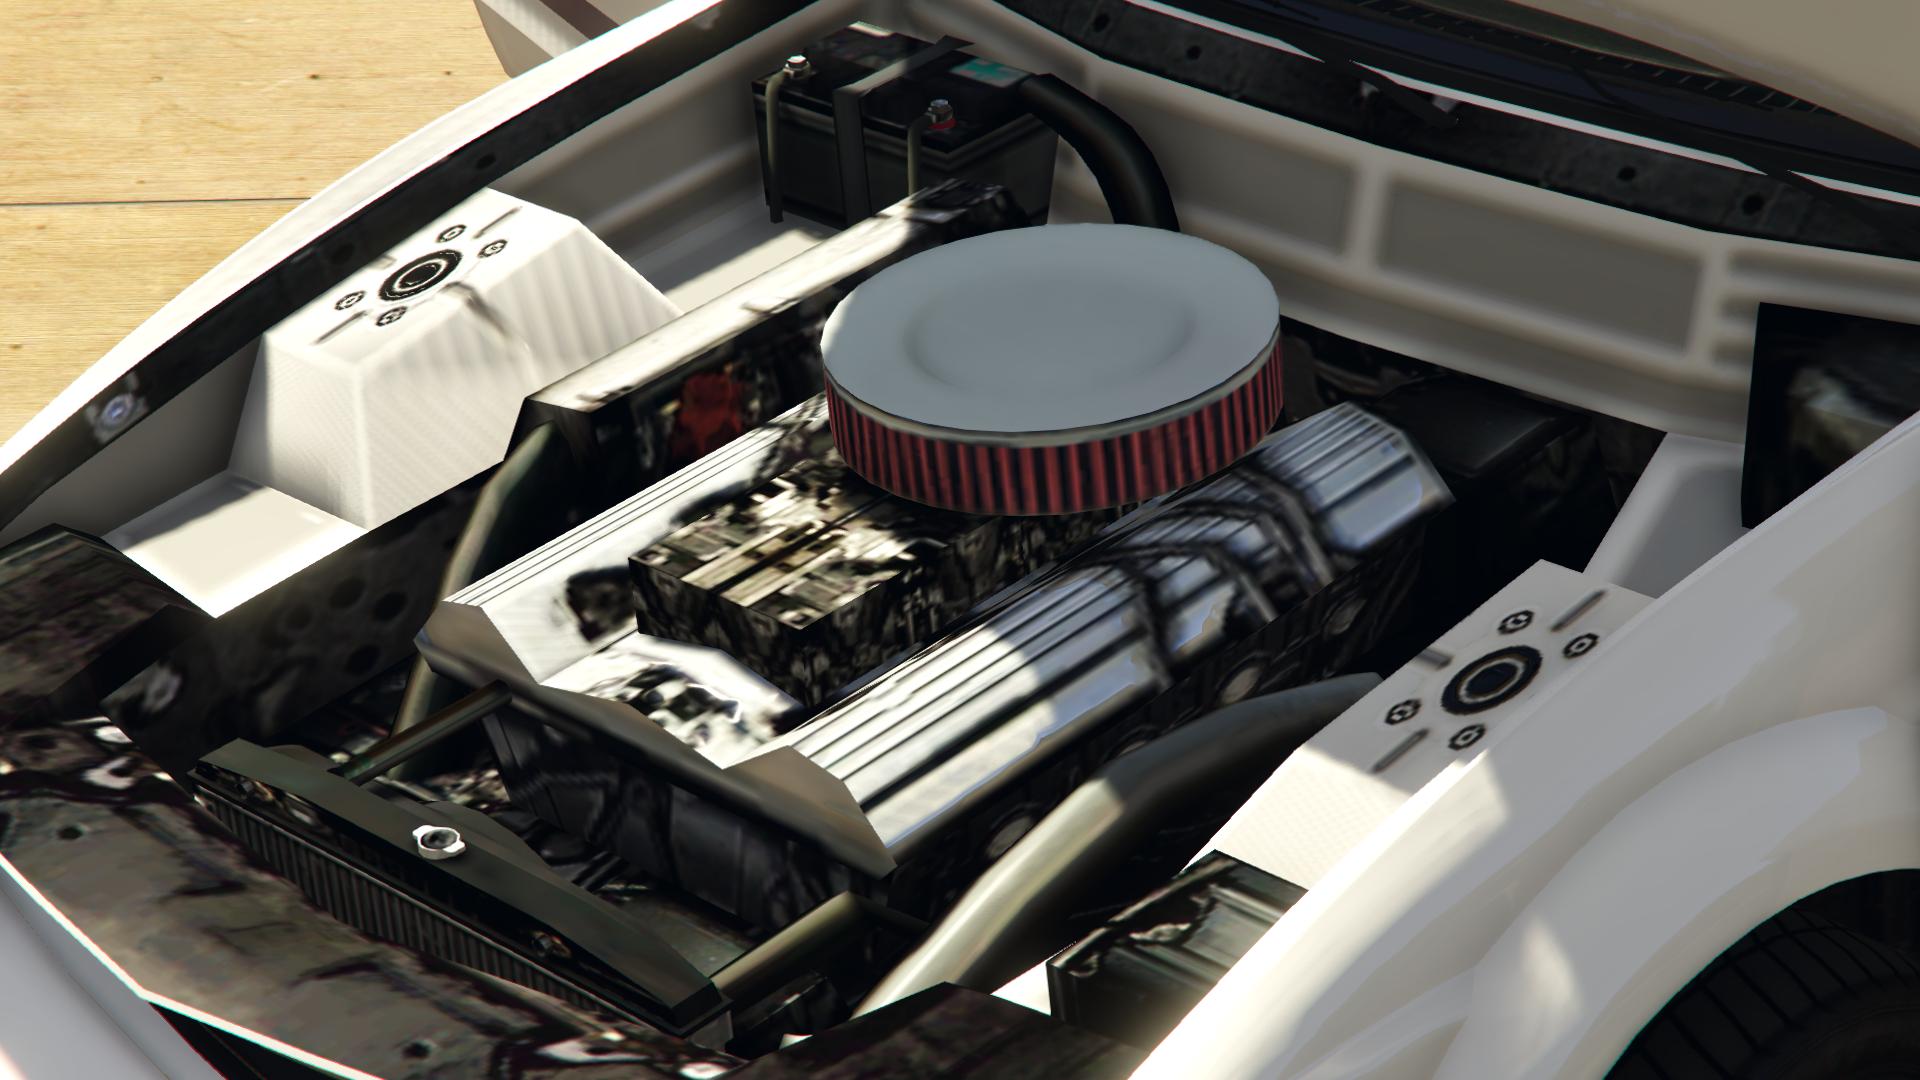 Archivo:Dominator-motor gtav.png